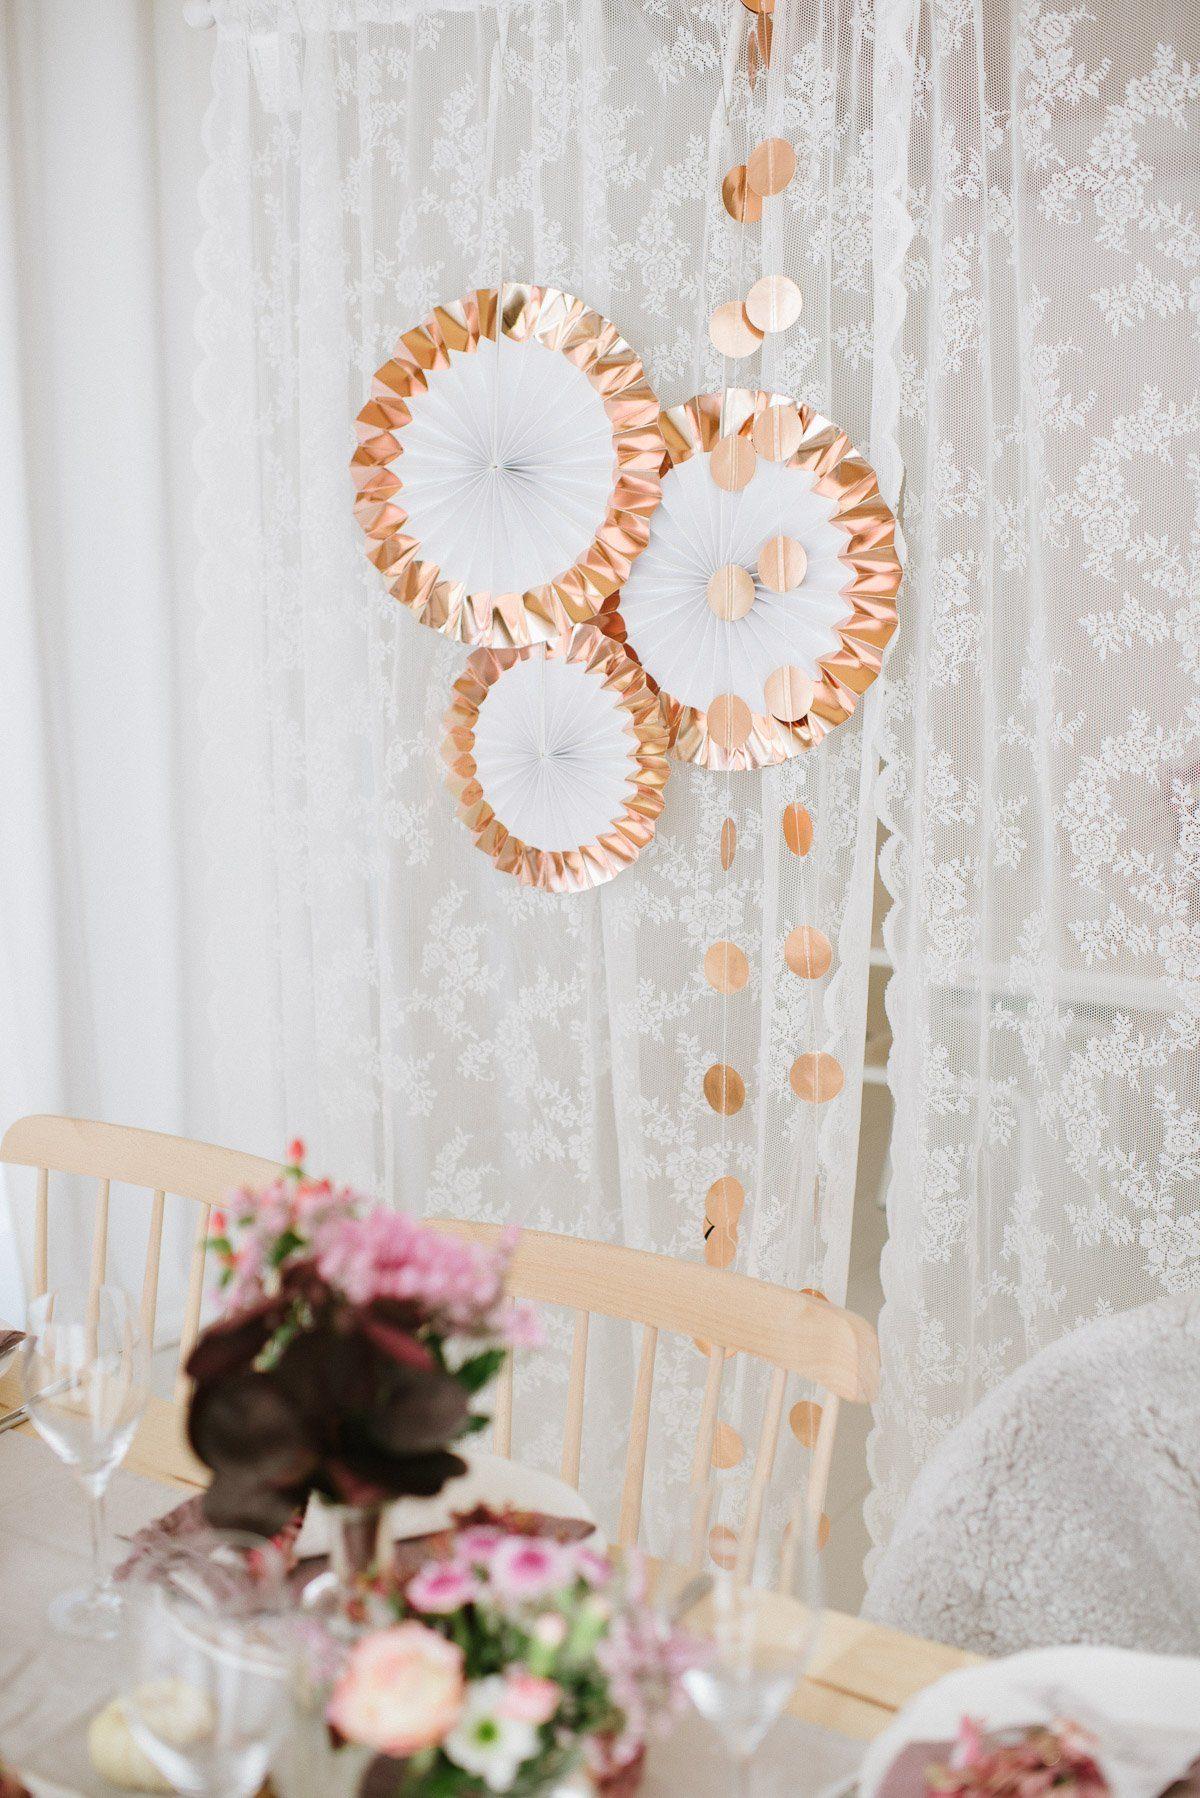 Rosegolden paper fans